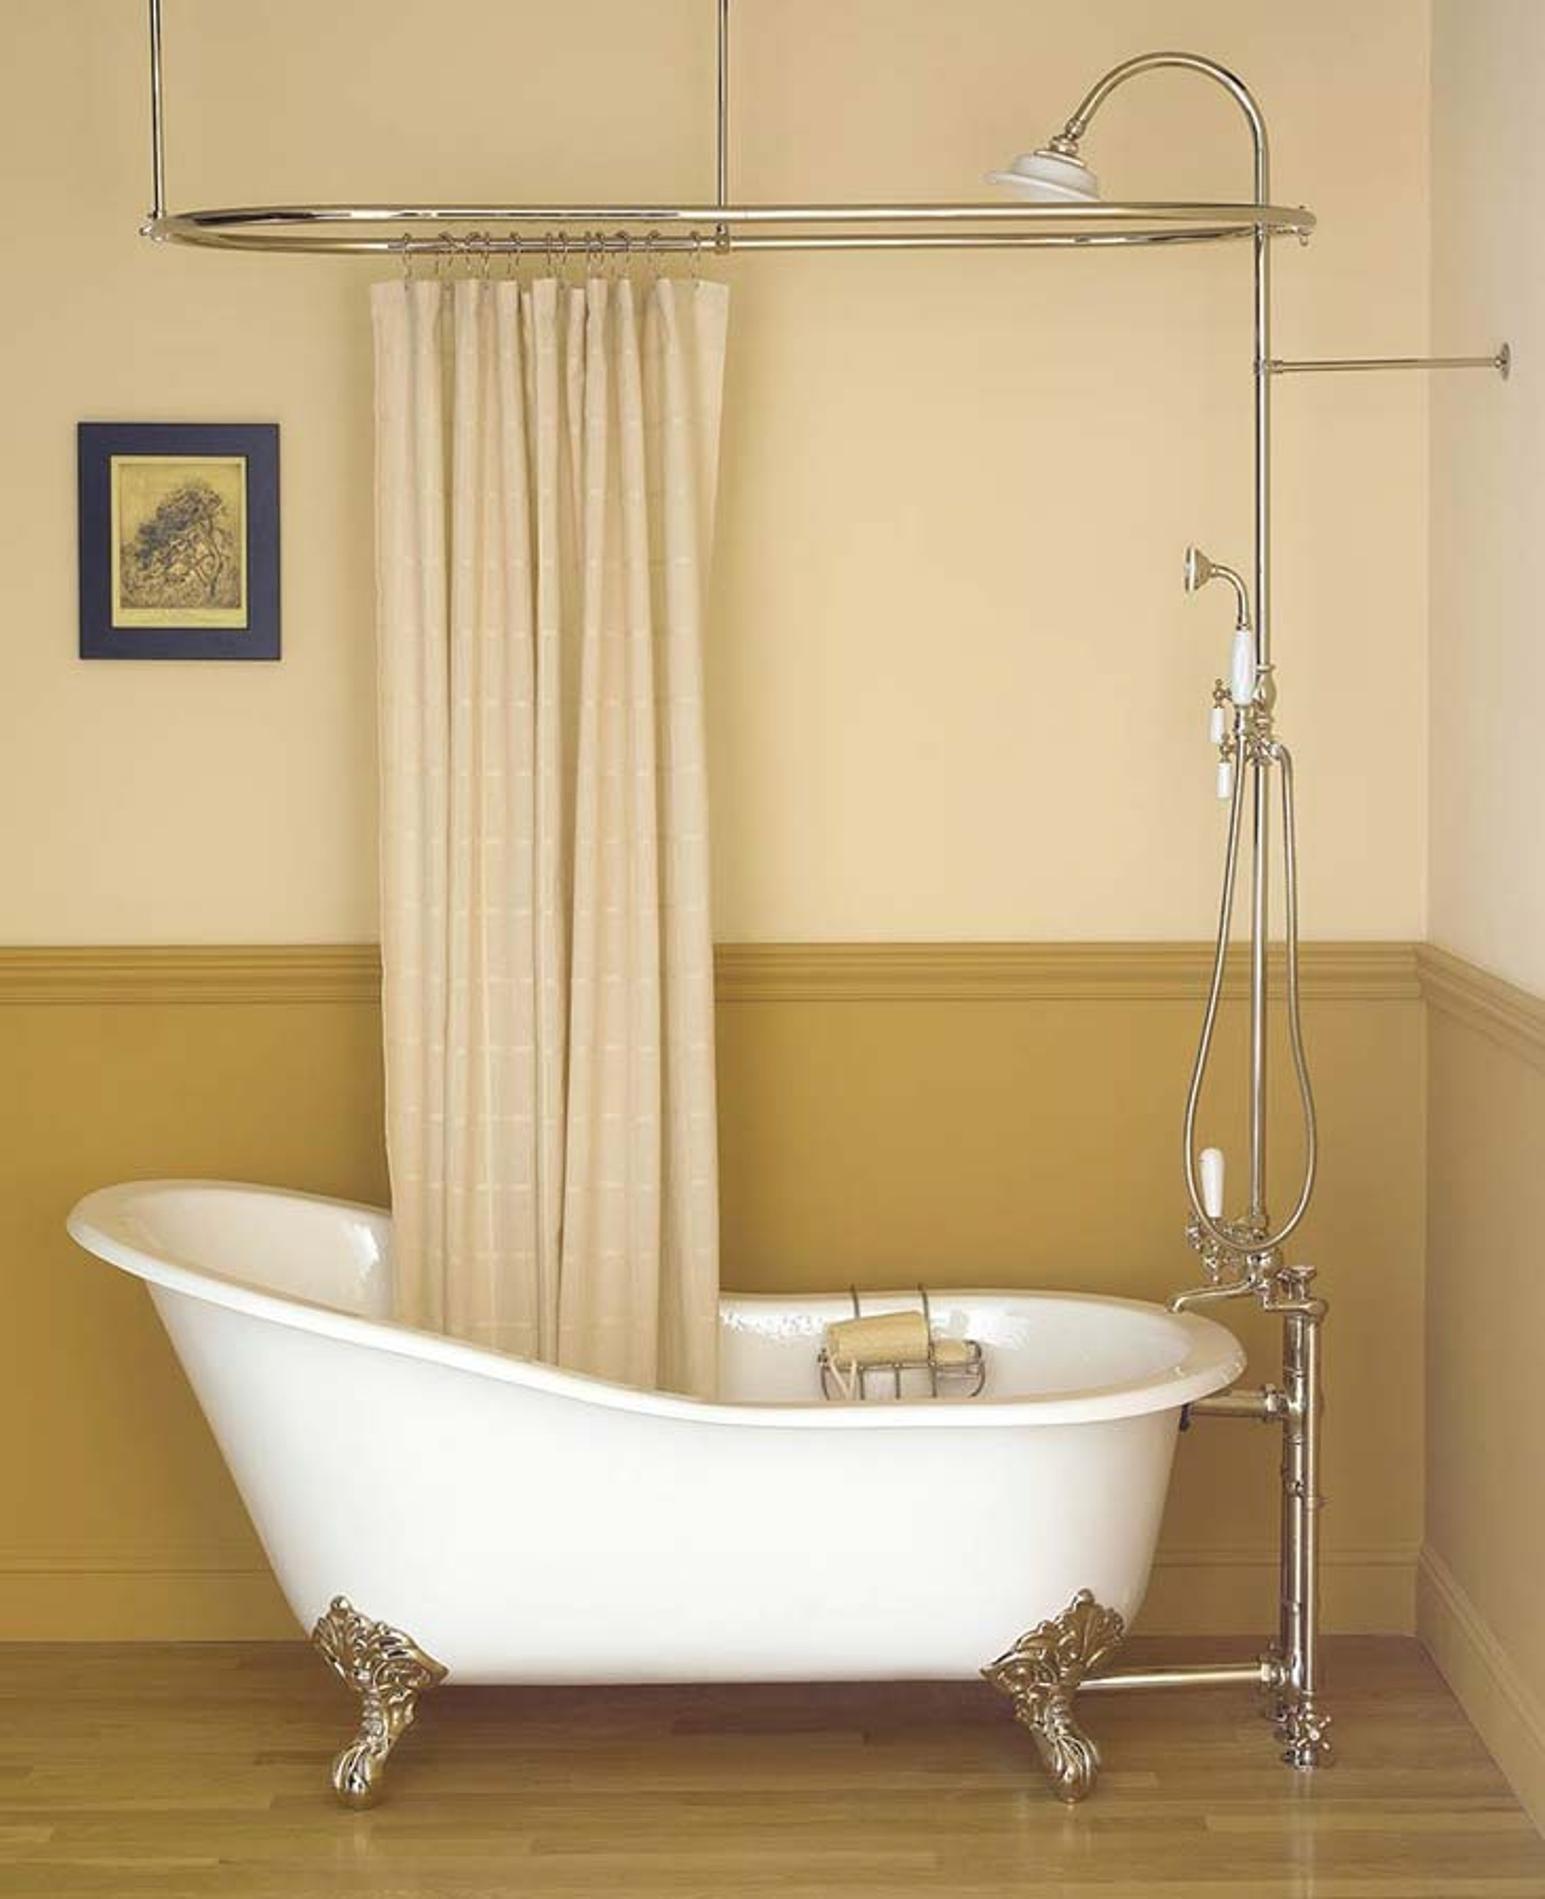 Freestanding Tub With Shower And Shower Curtain Rod Badezimmer Renovieren Badezimmer Dekor Badezimmer Design